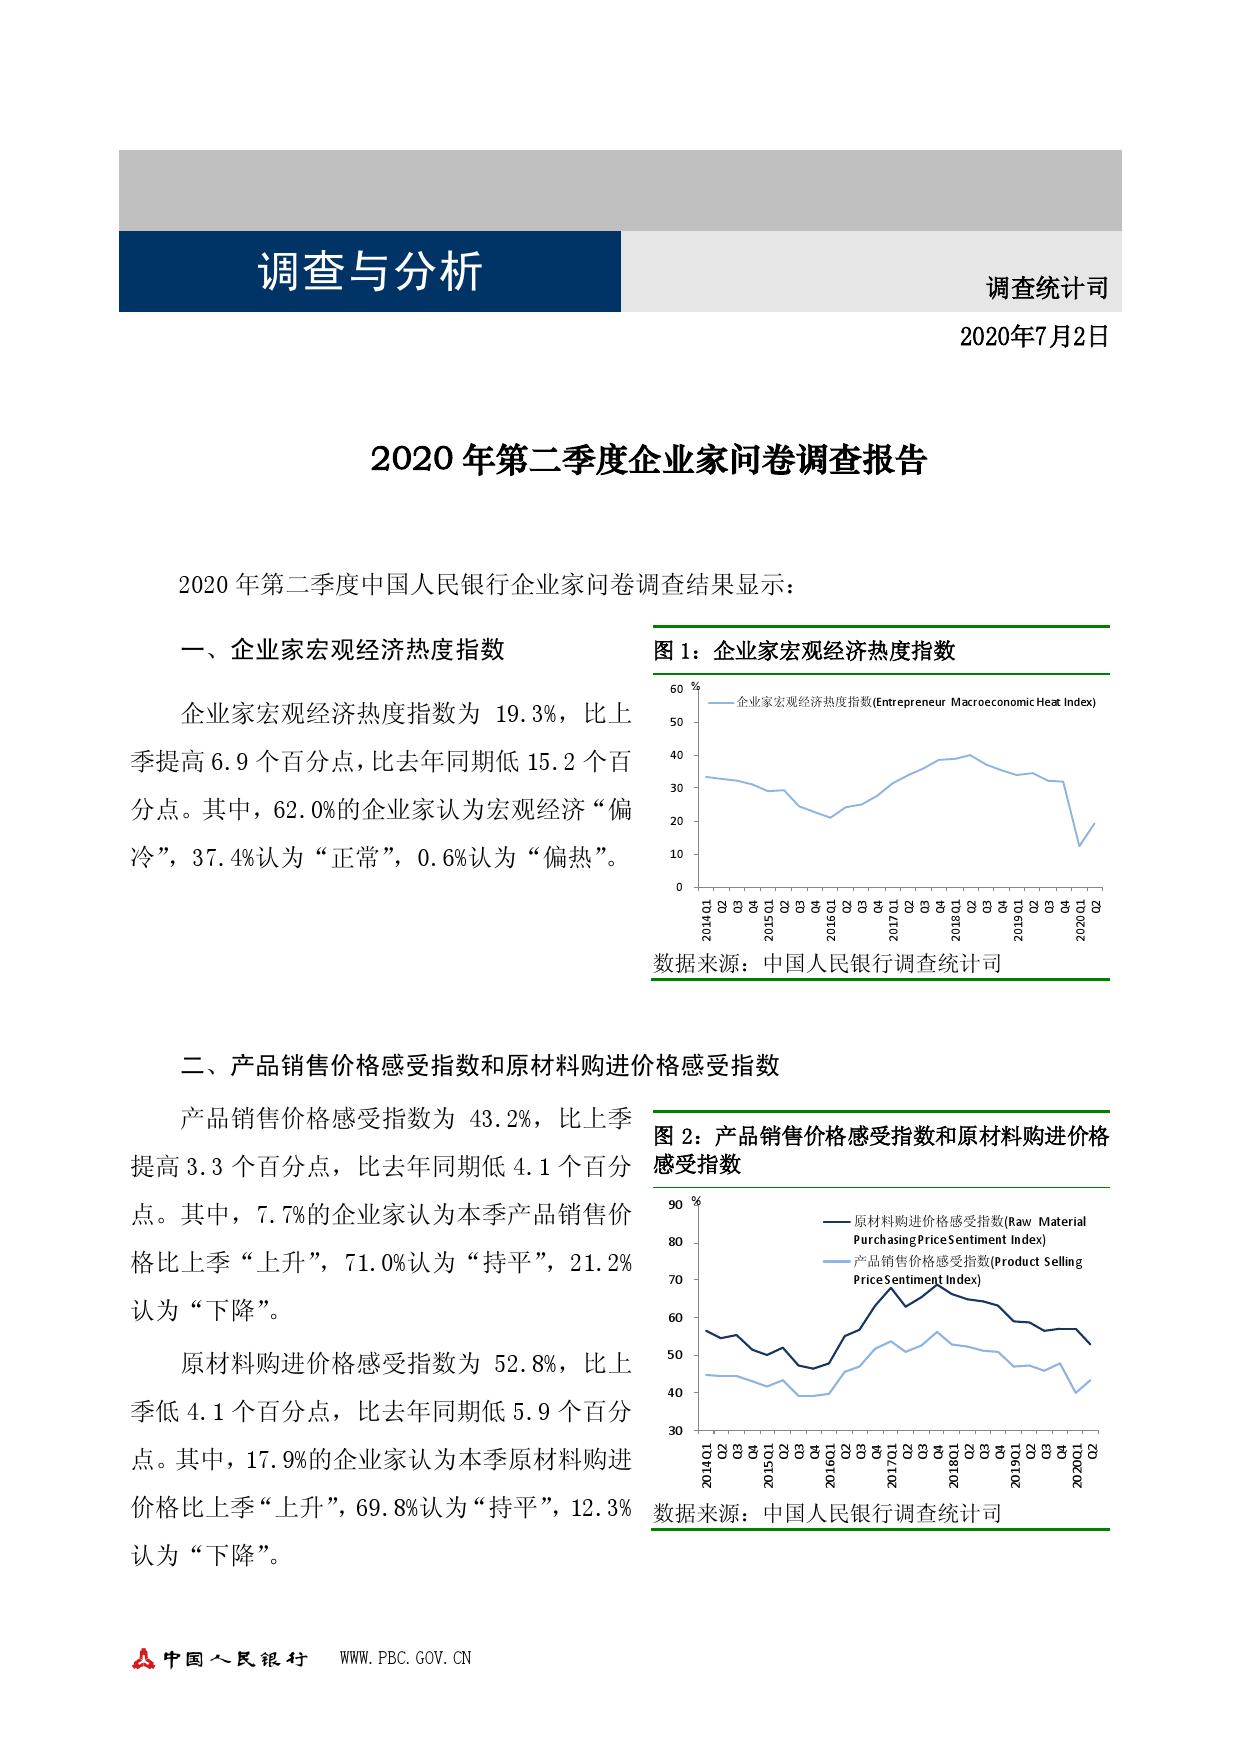 中国人民银行:2020 年第二季度企业家问卷调查报告